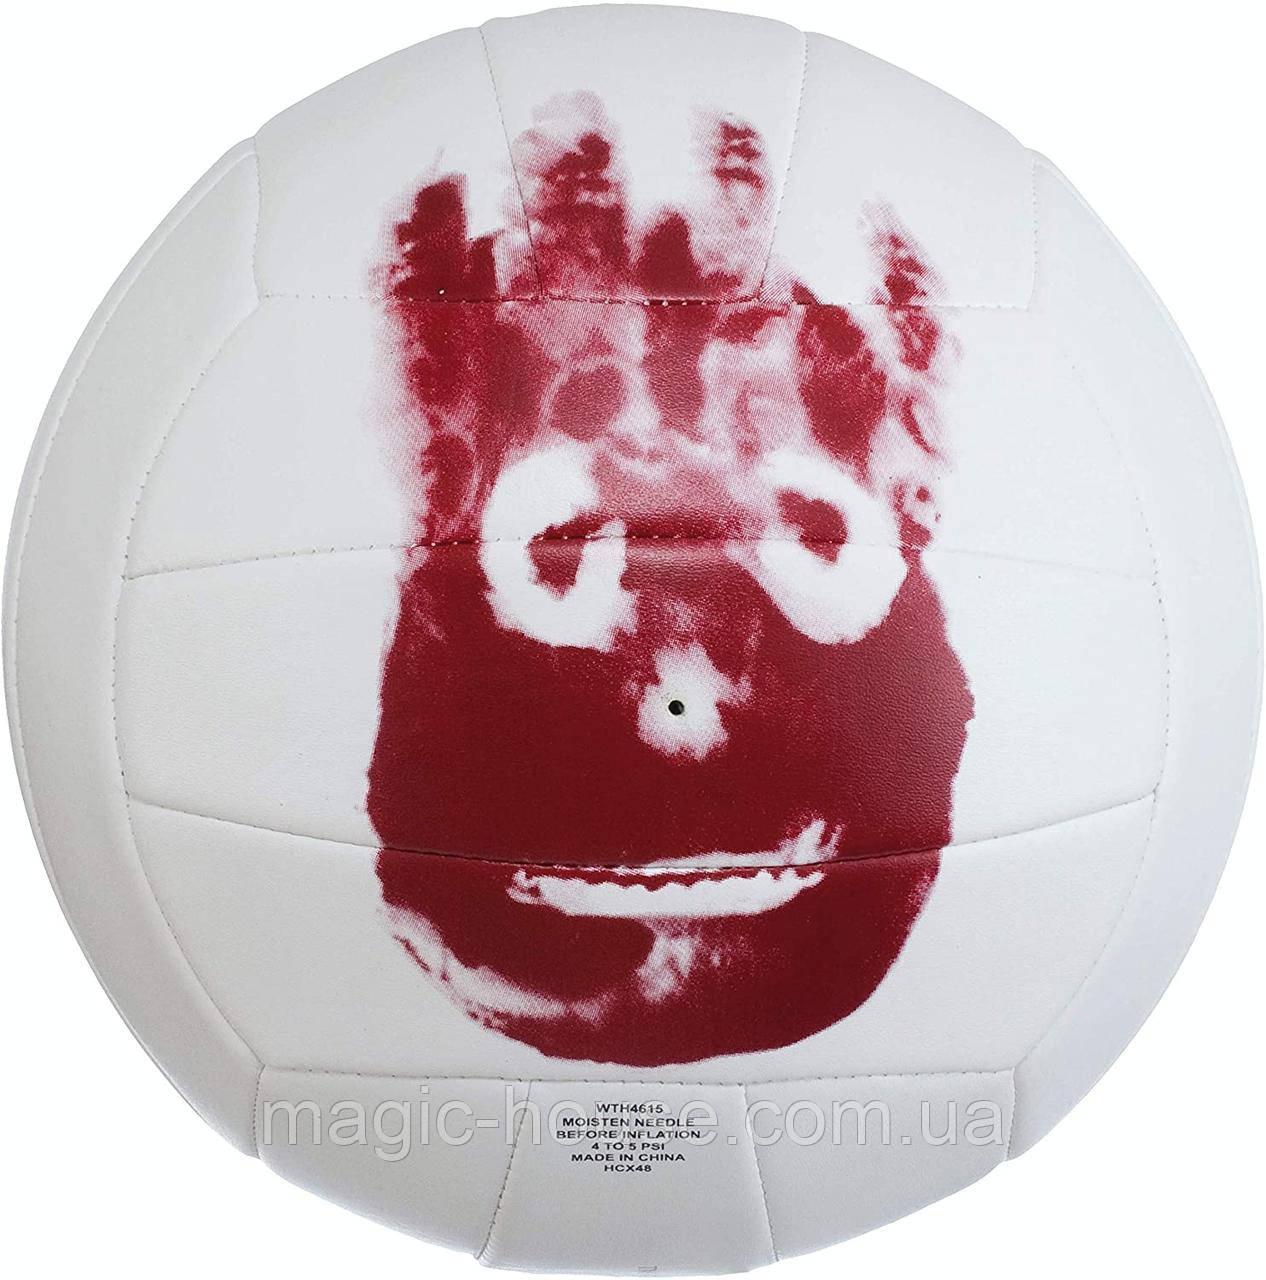 М'яч волейбольний ігровий Wilson Cast Away Volleyball оригінал